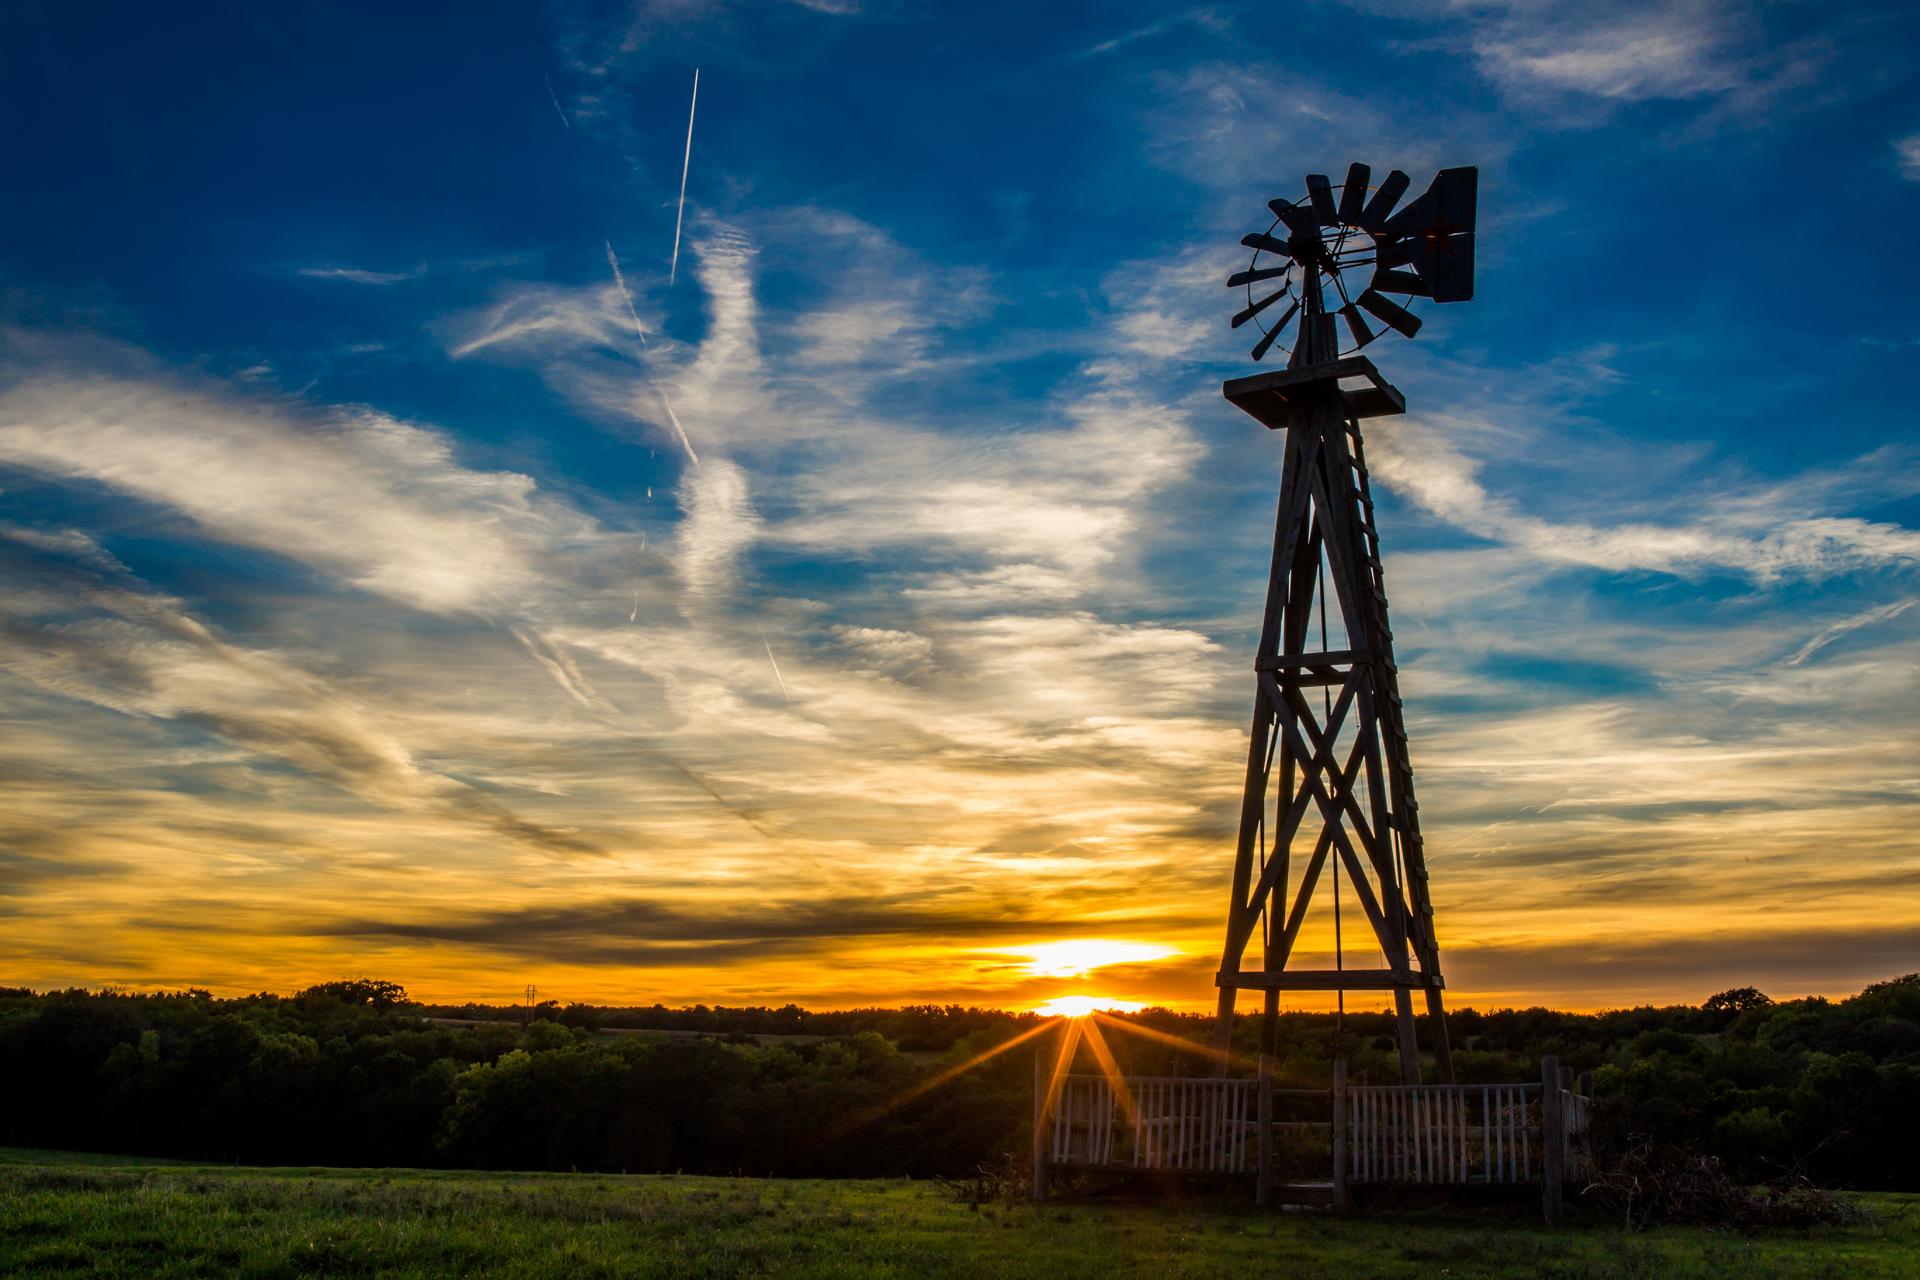 Mahoney Windmill